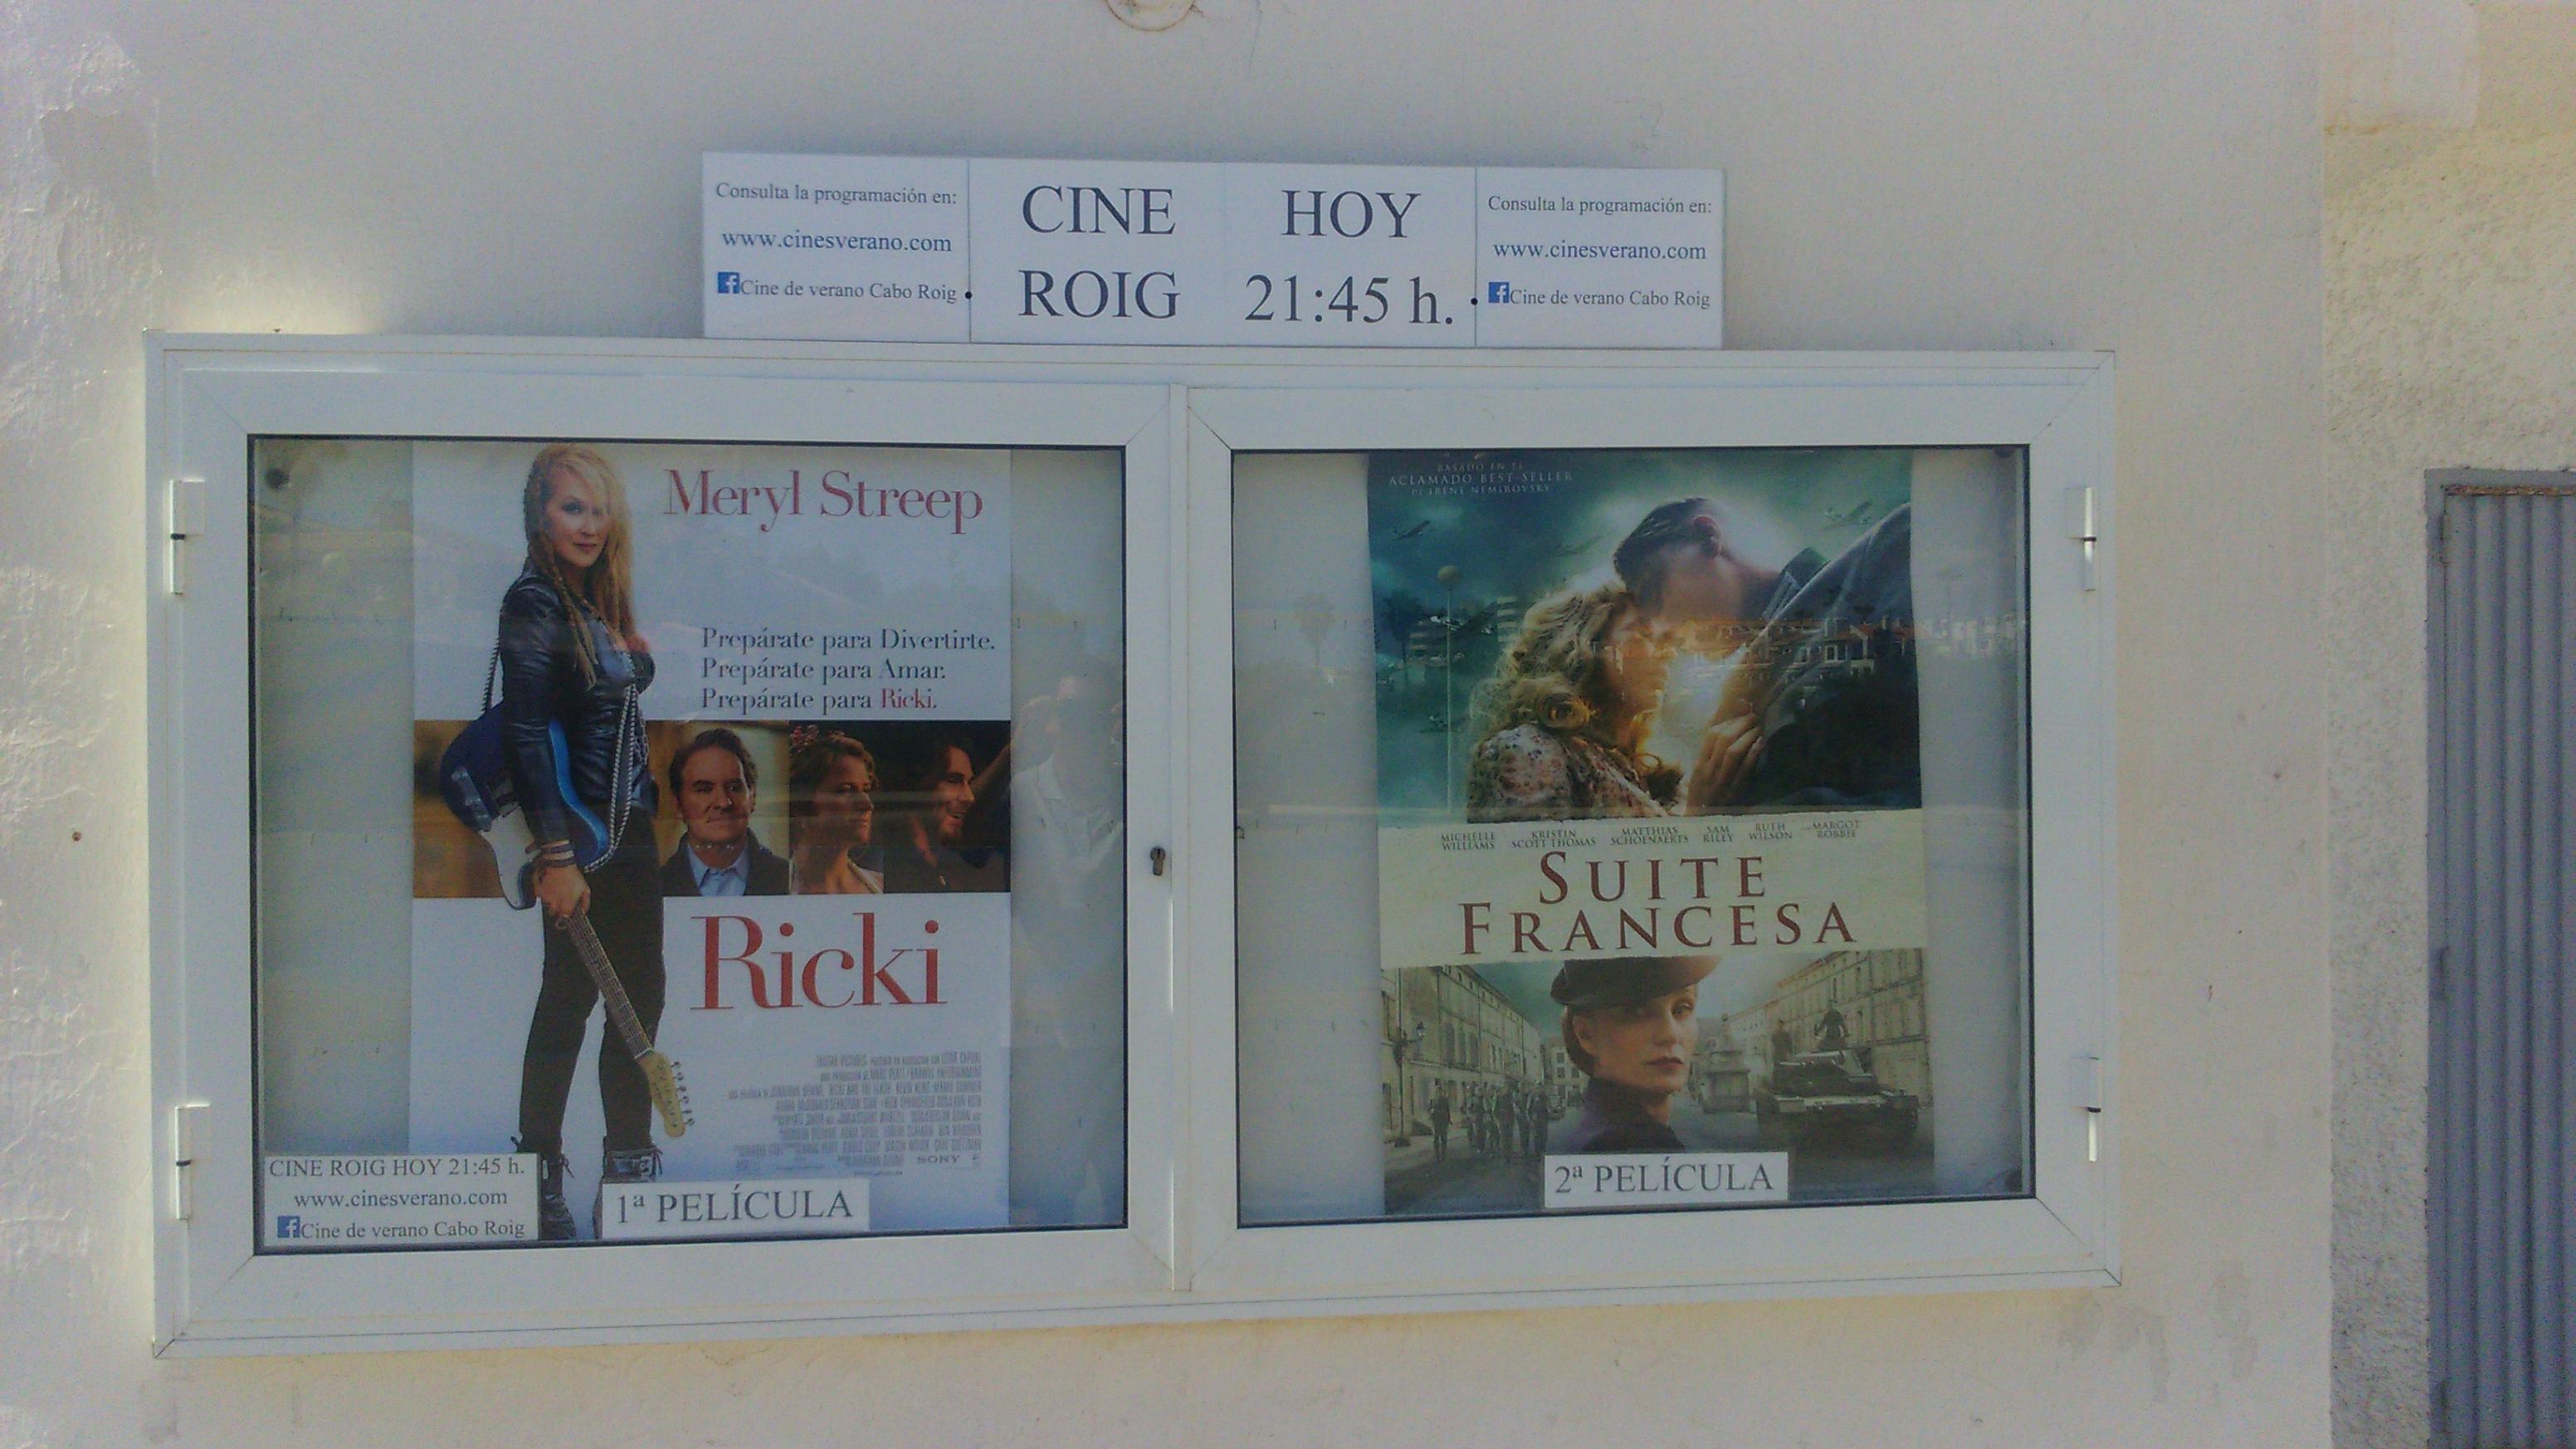 Cartelera doble sesión Cine de verano Cabo ROig